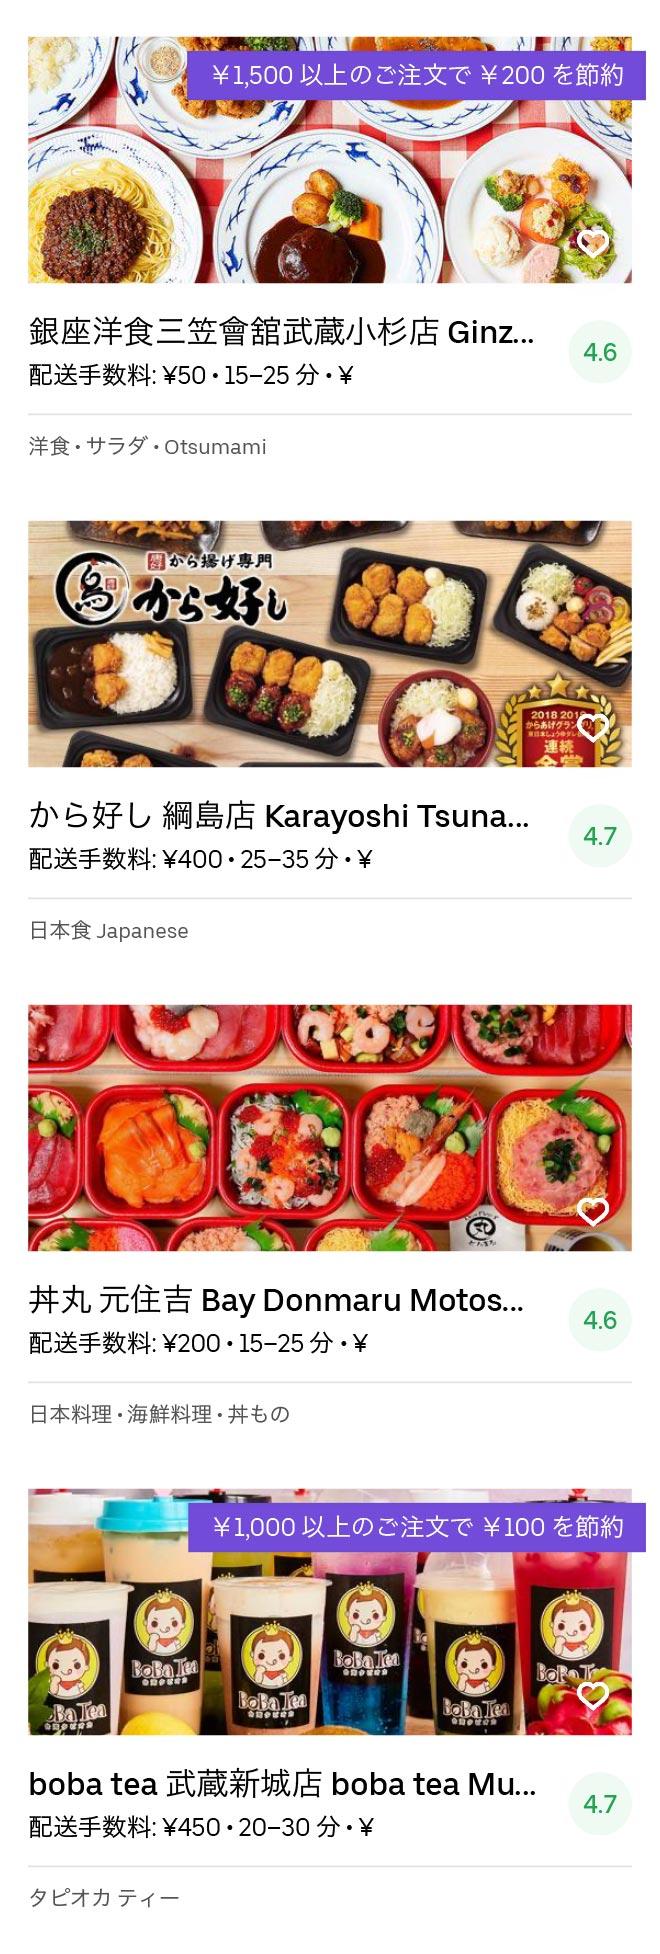 Musashikosugi menu 2004 07